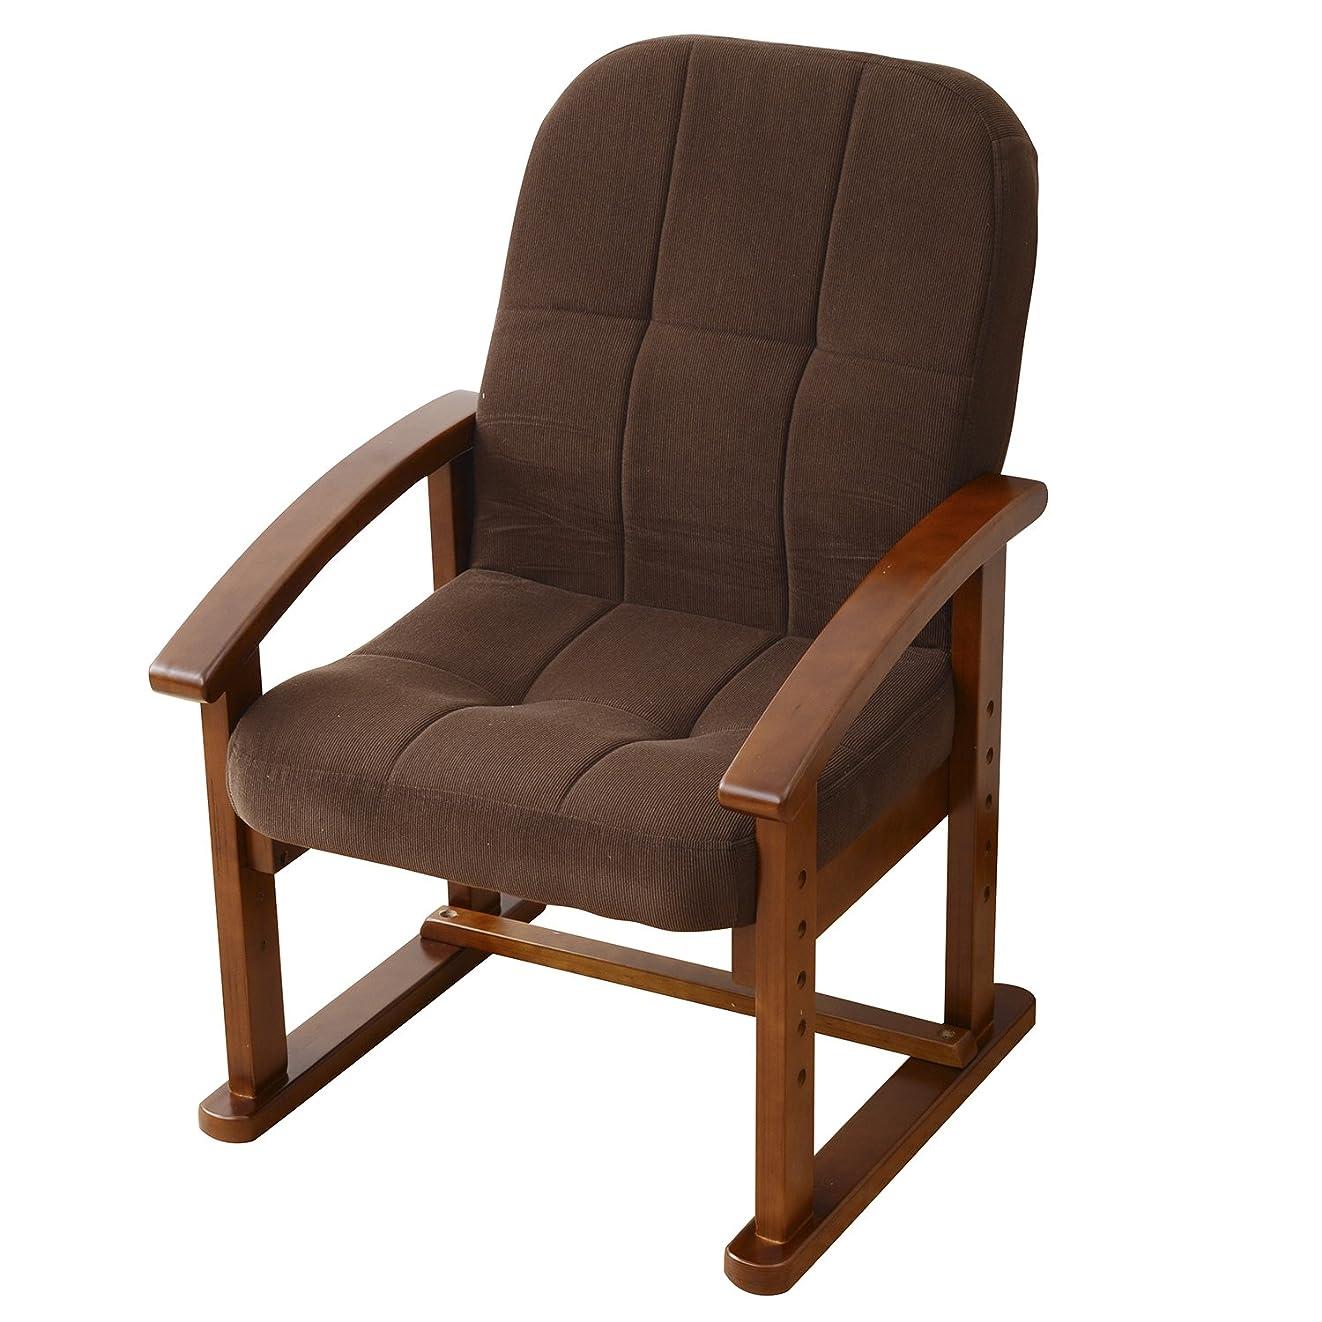 リル廃棄醜い山善(YAMAZEN) 組立て要らず 立ち上がり楽々高座椅子 モカブラウン KMZC-55(MBR)6